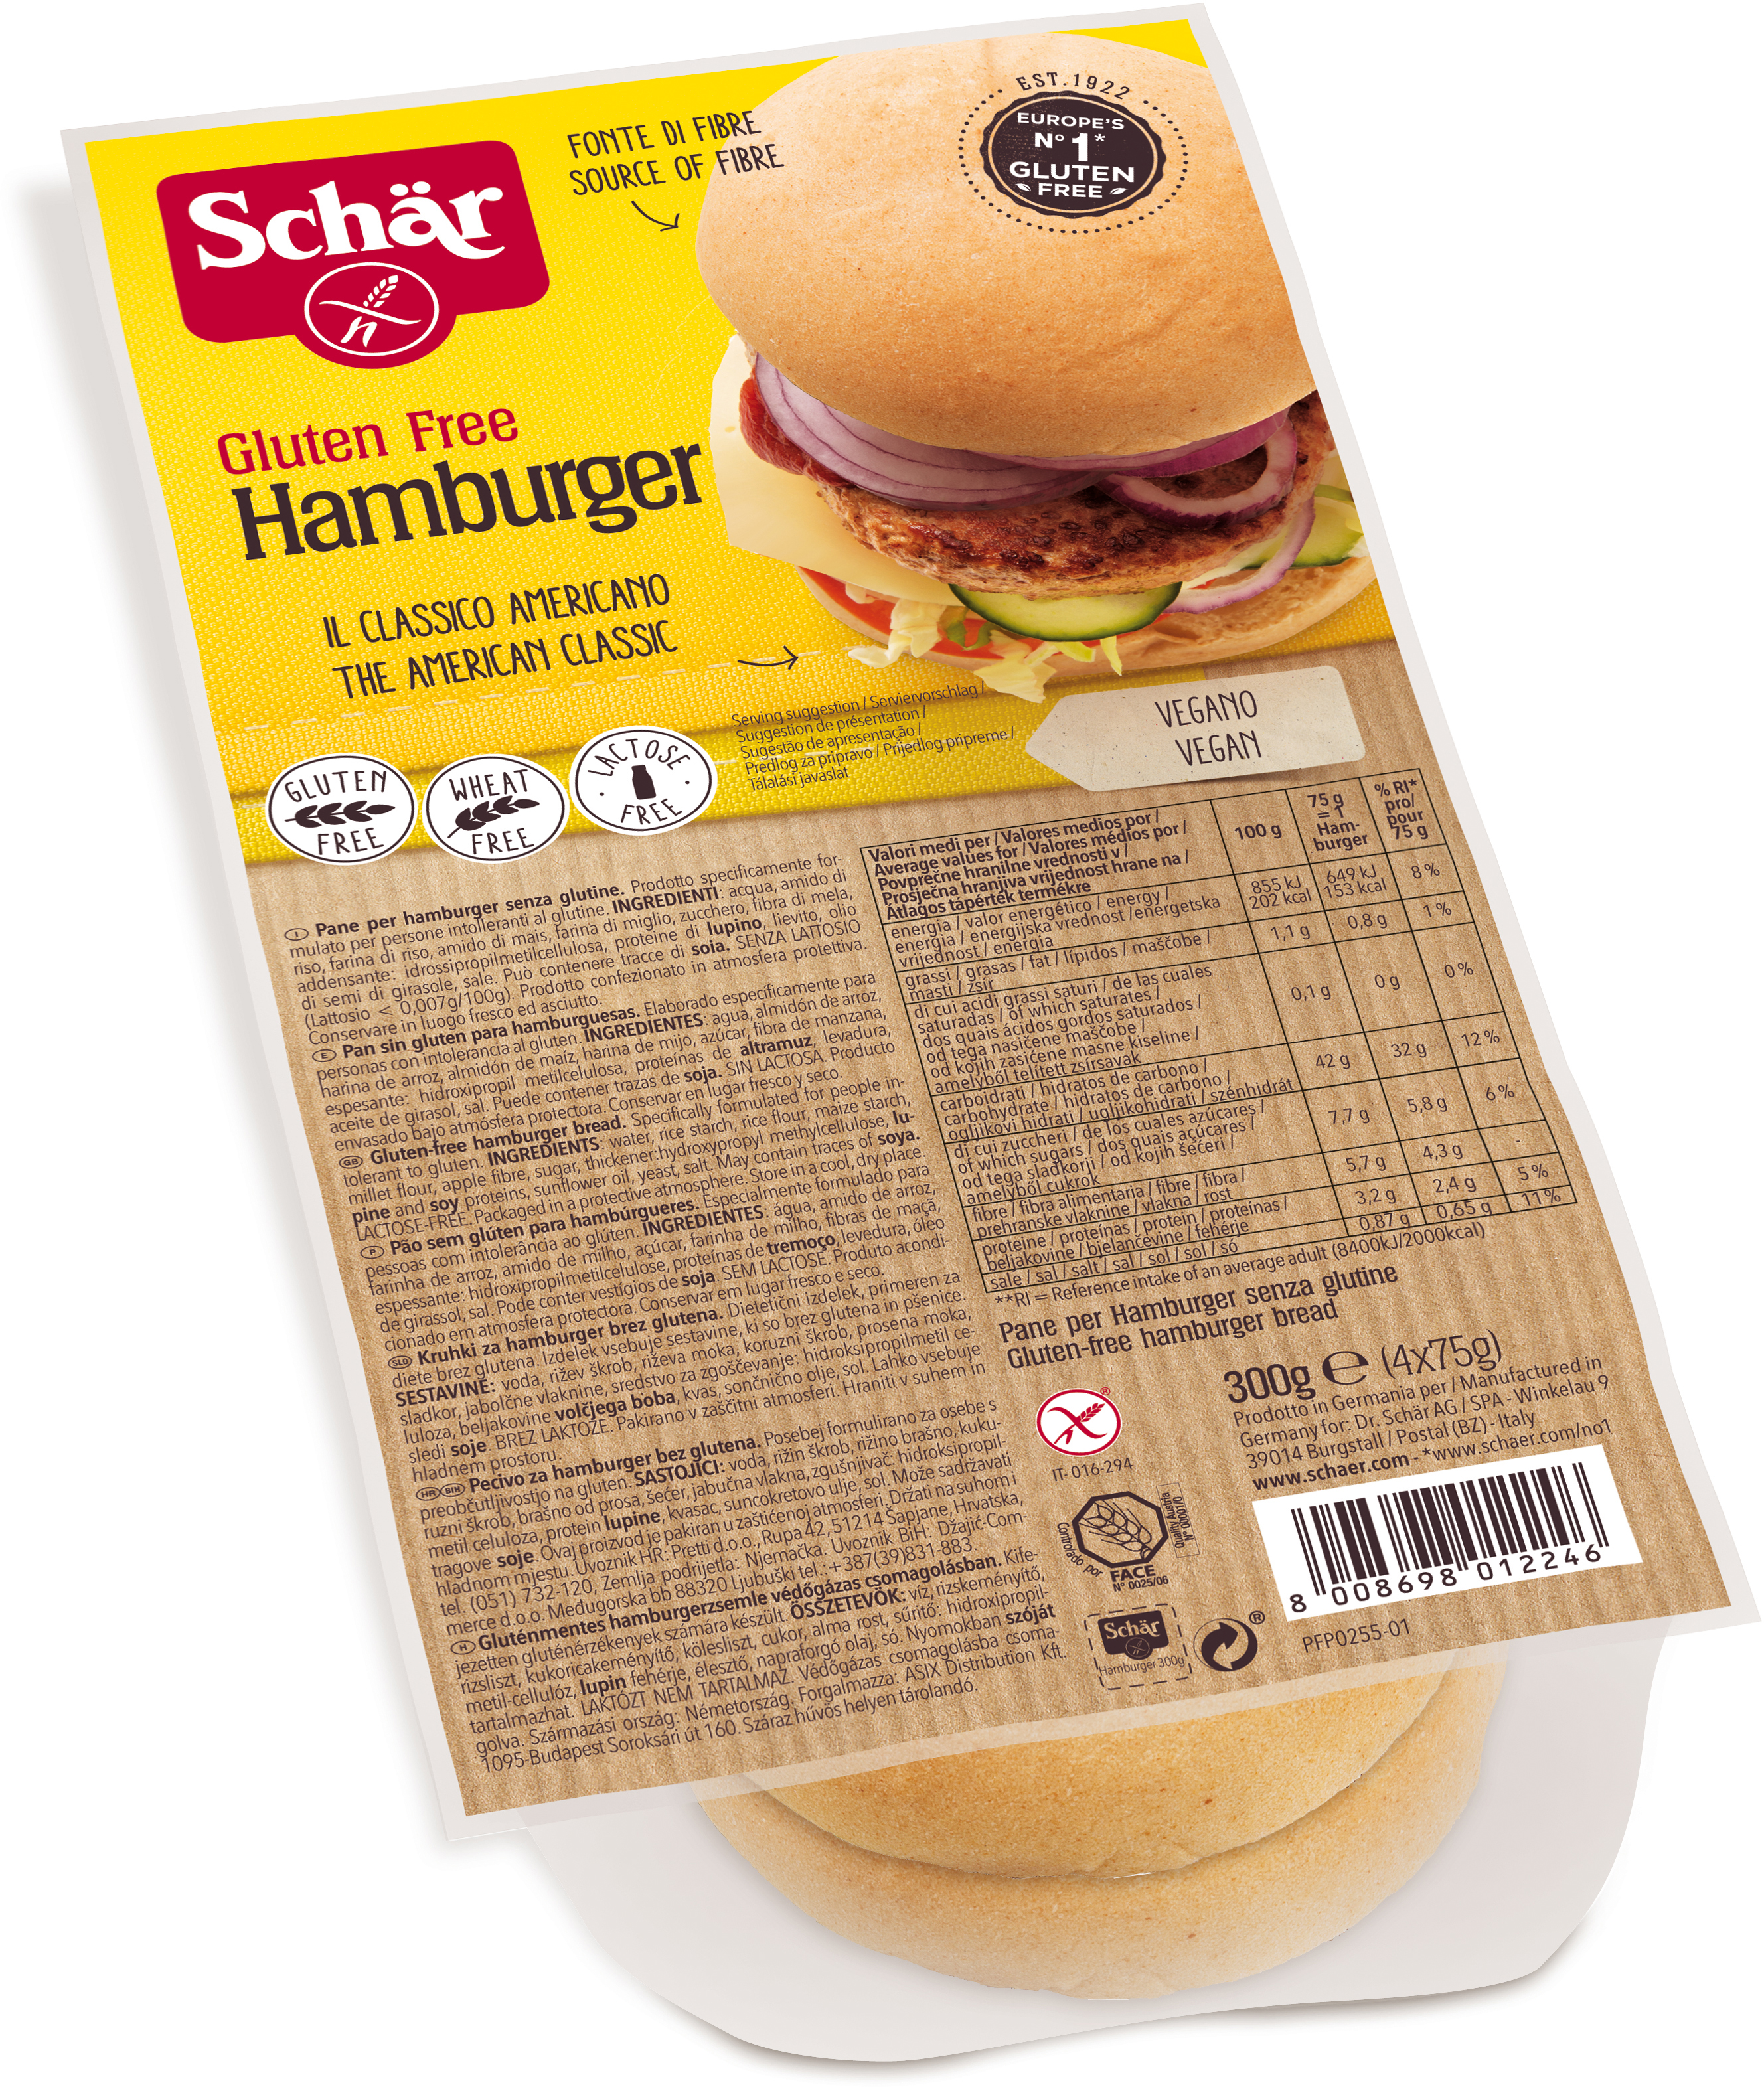 """Булочки для гамбургера итальянской компании Dr.Schar – хлеб от лидера европейского рынка по выпуску безглютеновых продуктов для повседневного питания больных целиакией. Продукт произведен из экологически чистого сырья, с соблюдением строжайших технологических требований и экологических стандартов Европейского союза, отмечен международным значком """"Gluten free"""". Хлеб не содержит глютена, пшеничного крахмала, лактозы, молока и консервантов, имеет натуральный вкус, высокое содержание волокон, без ГМО. Этот продукт рекомендован для профилактики и лечения пищевой аллергии, больных целиакией (непереносимость растительного белка) и людей, соблюдающих безглютеновую диету."""